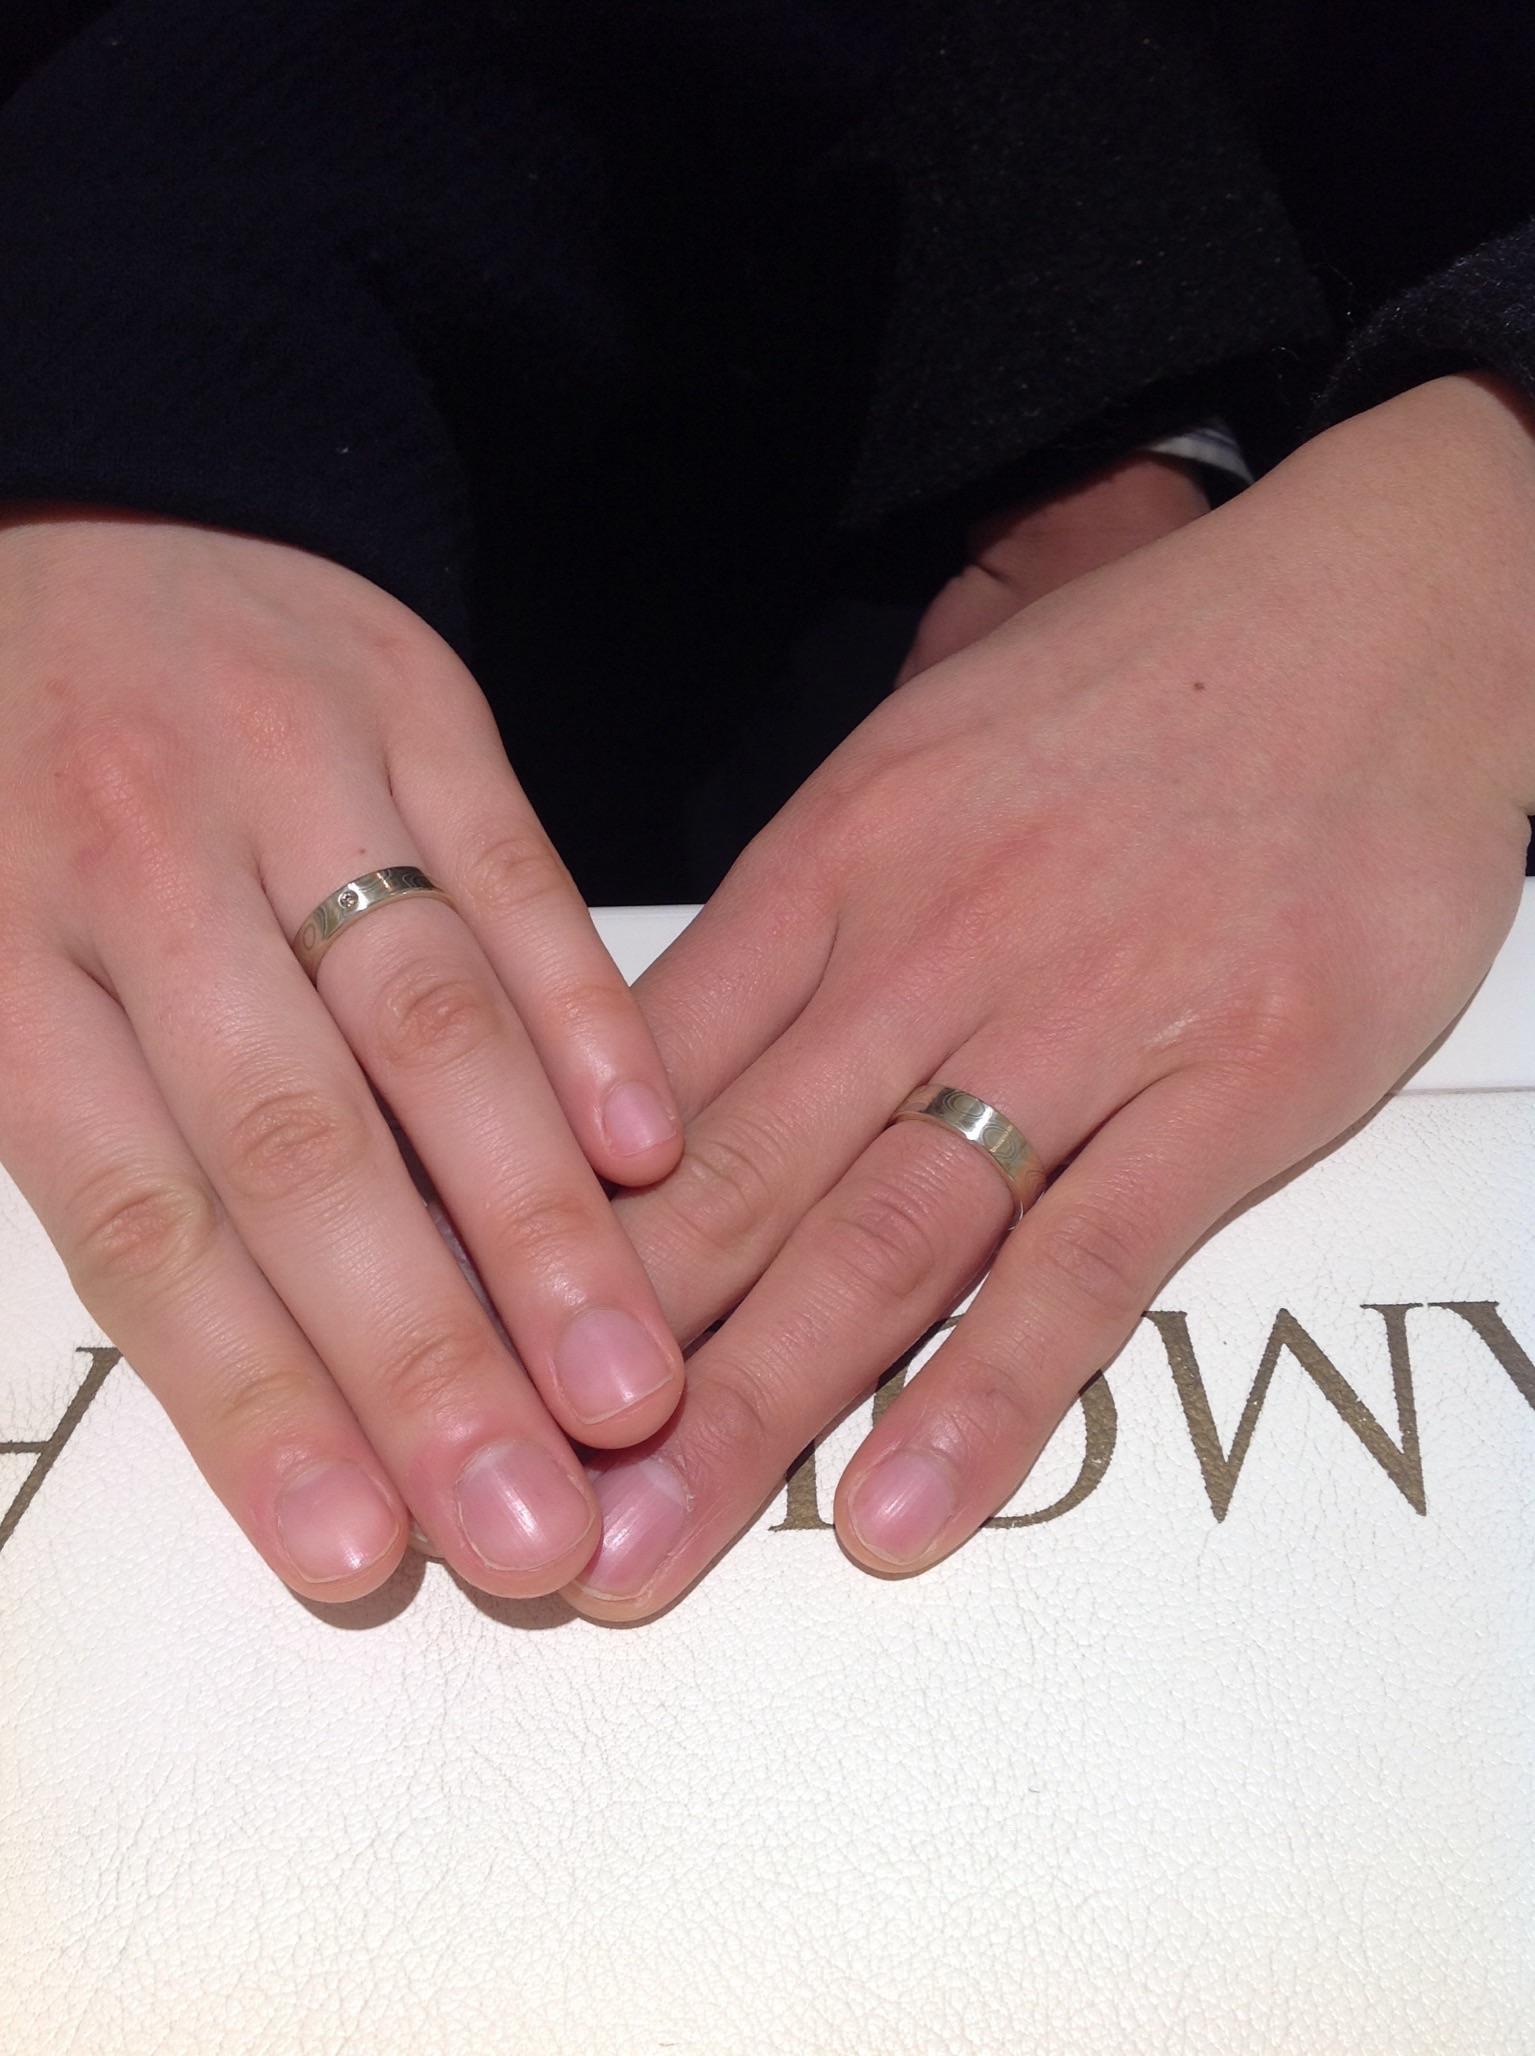 杢目金屋のご婚約指輪(エンゲージリング)をお作り頂きました!